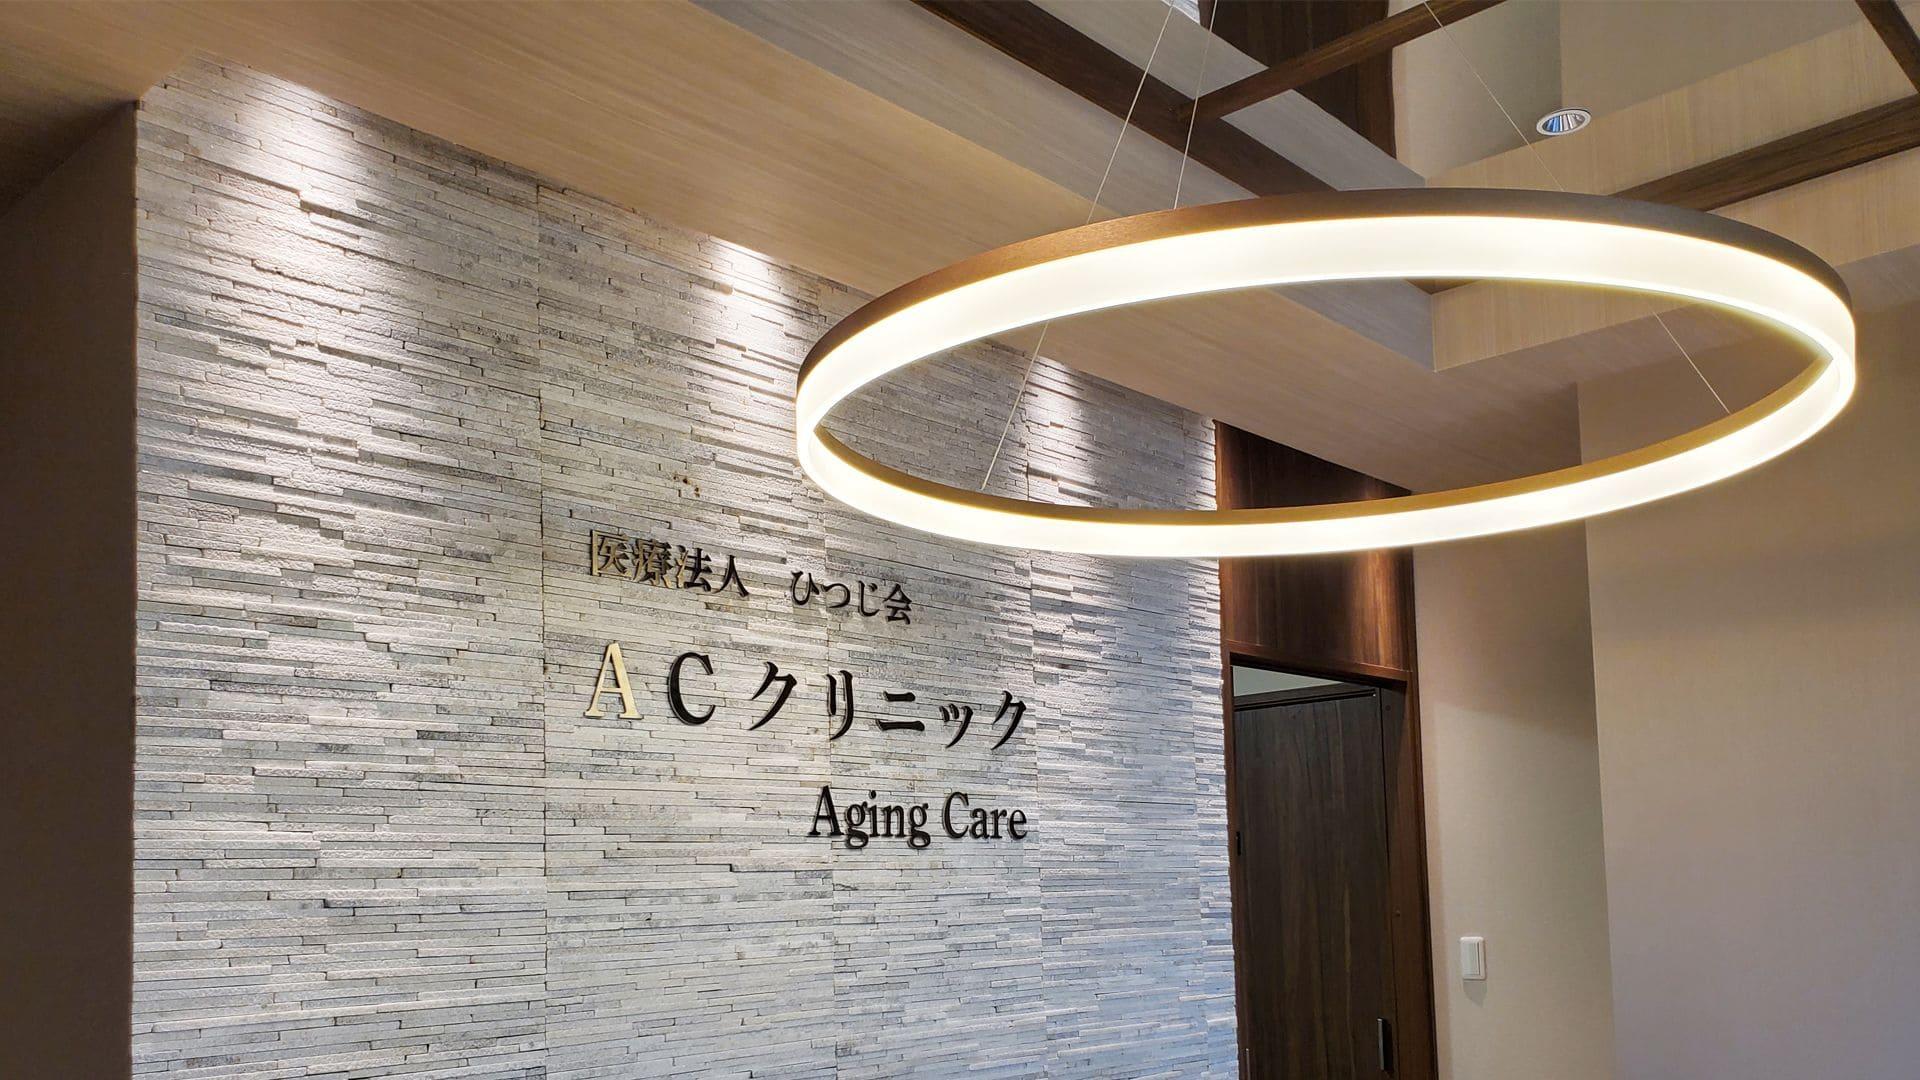 大阪市都島区の美容クリニック 再生医療・エイジングケア ACクリニック